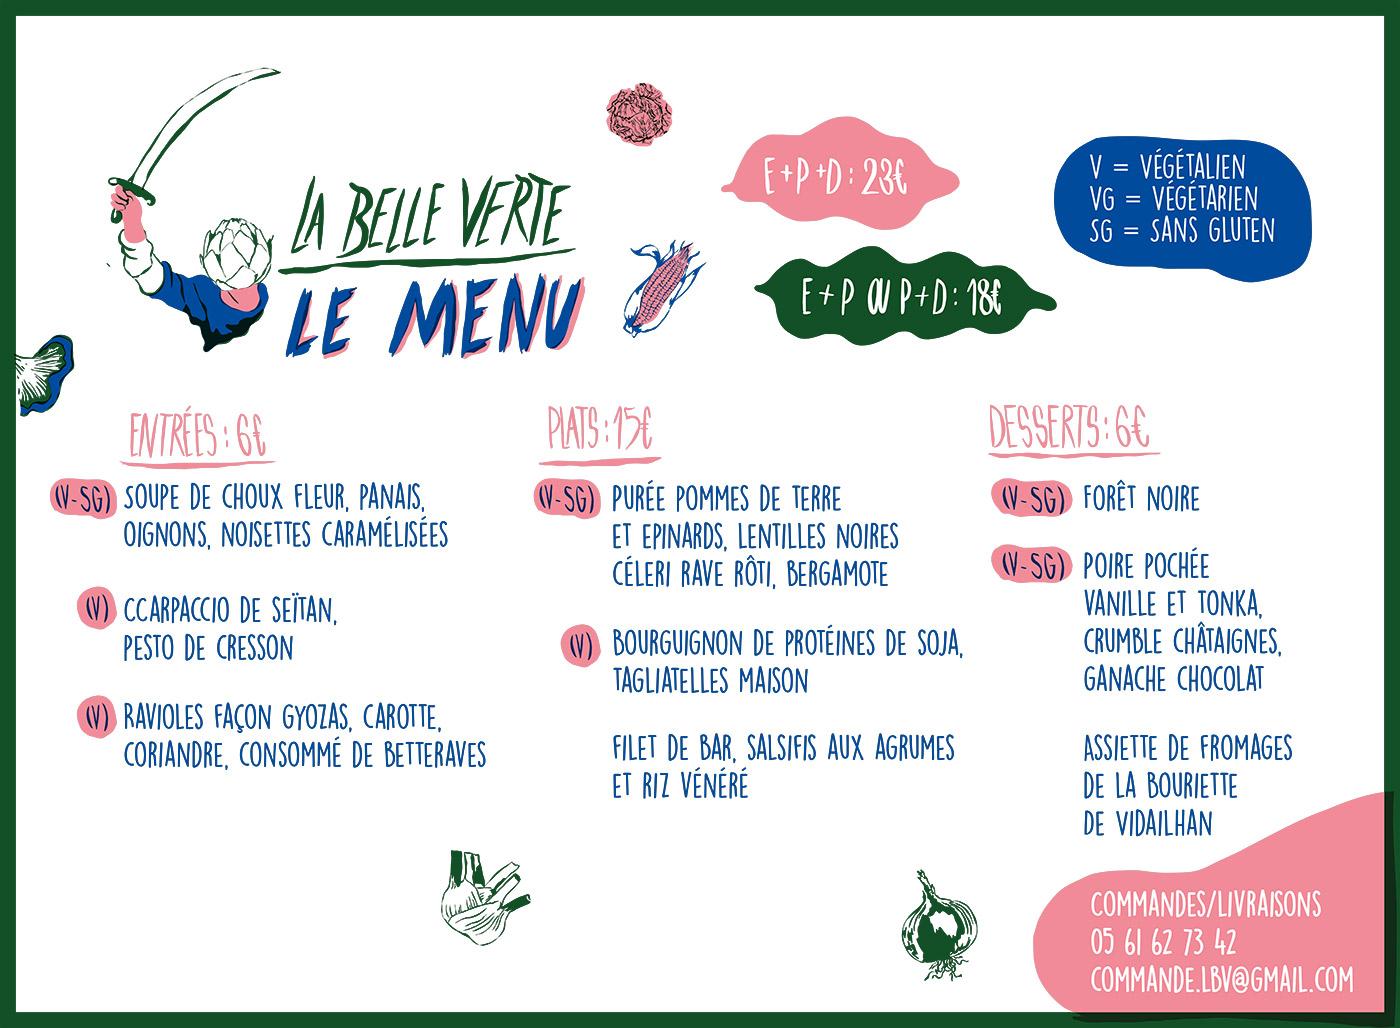 menu-belle-verte-web